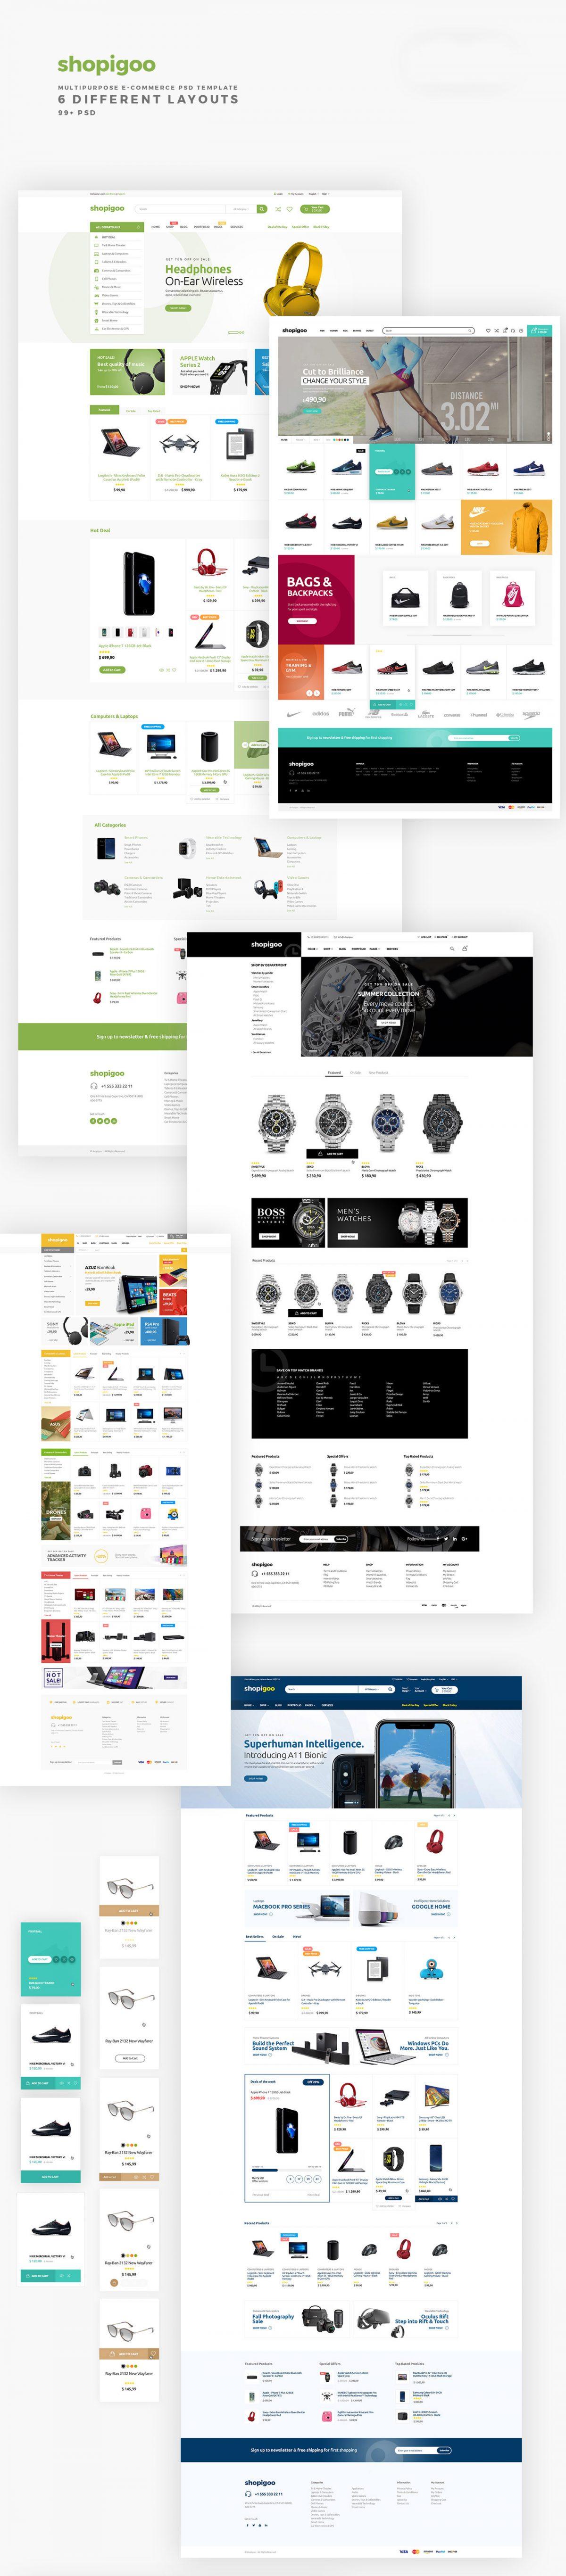 shopigoo-multiuse-ecommerce-psd-template-2